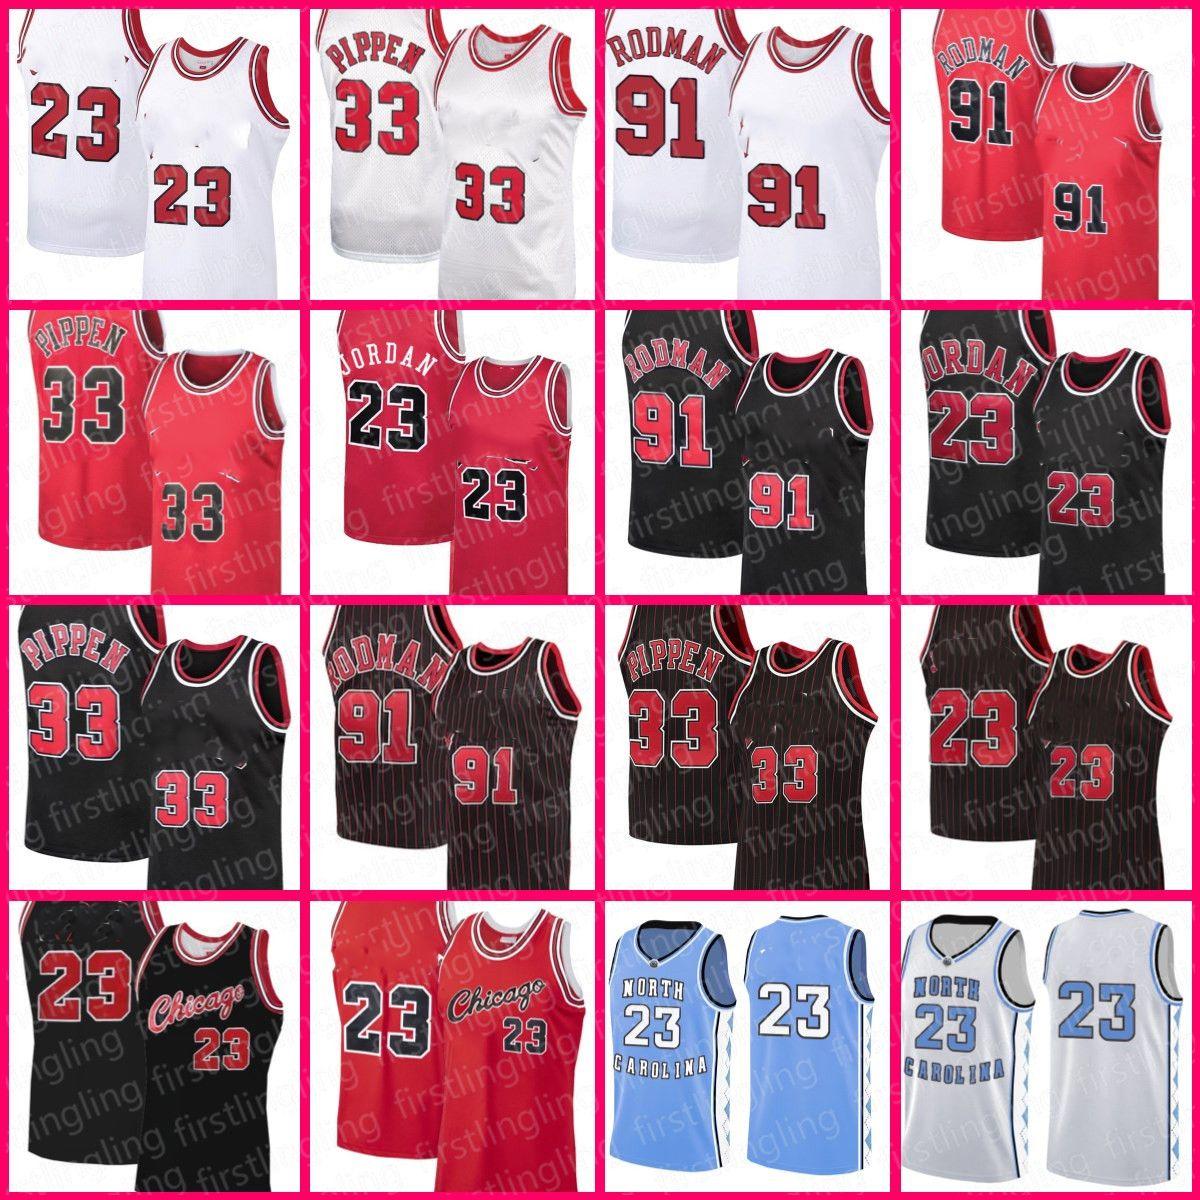 23 Чикагос Джерси 33 Скотти Pippen Трикотажные трикотажные Деннис Родман Зач 8 Лавин Ретро Баскетбол Мужская MJ Красный Черный Белый Размер S-XXL Северная Каролина